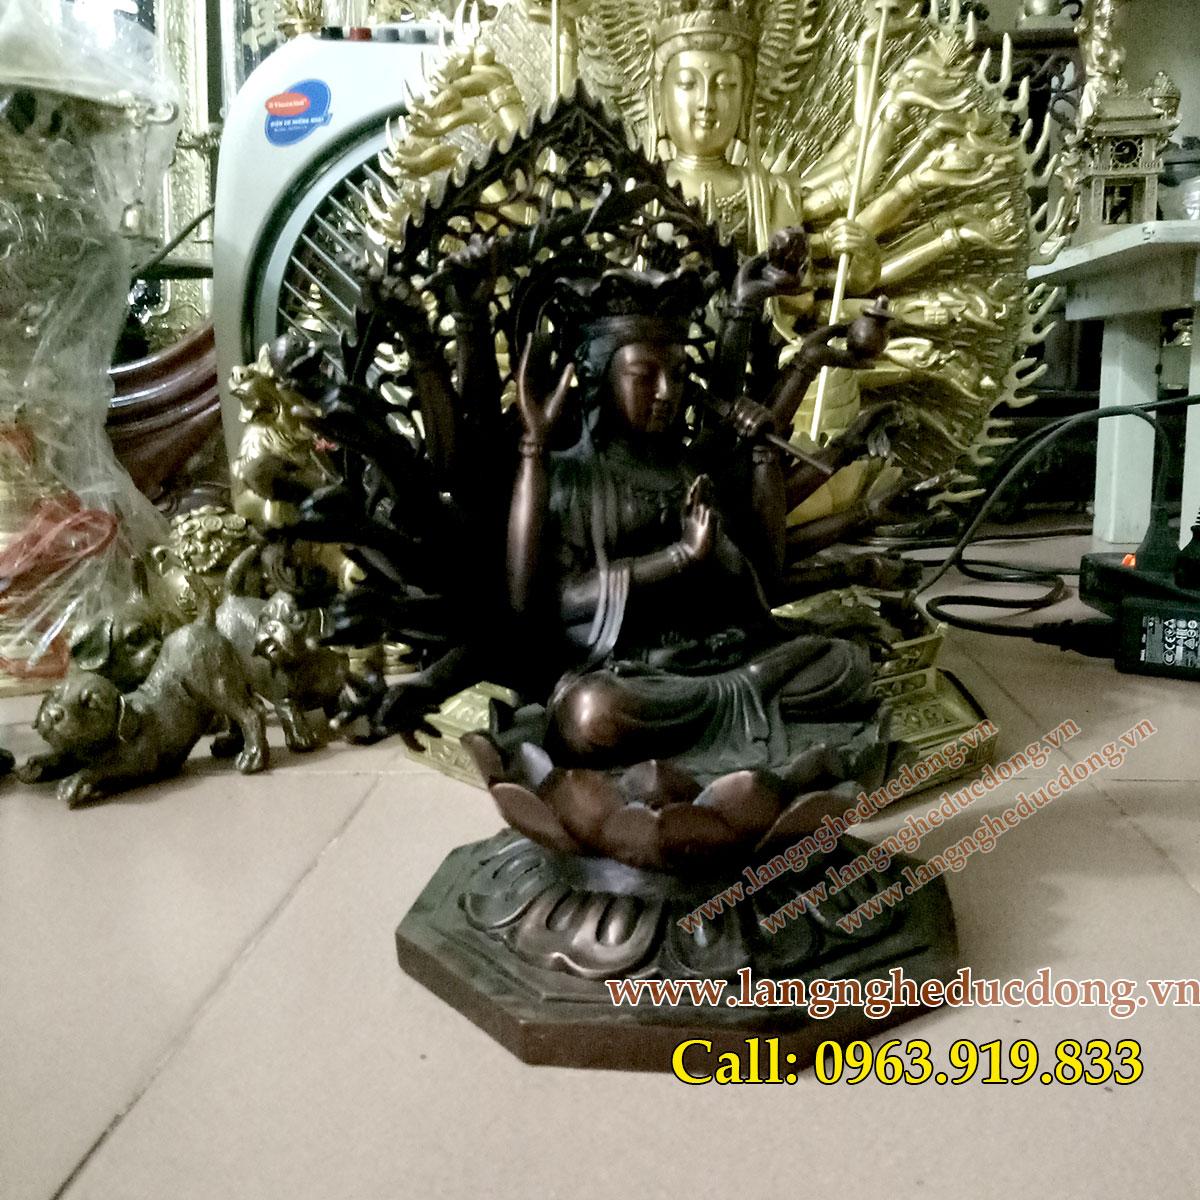 langngheducdong.vn - tượng đồng, tượng phật, tượng chuẩn đề, đúc tượng đồng, nhận đúc tượng đồng